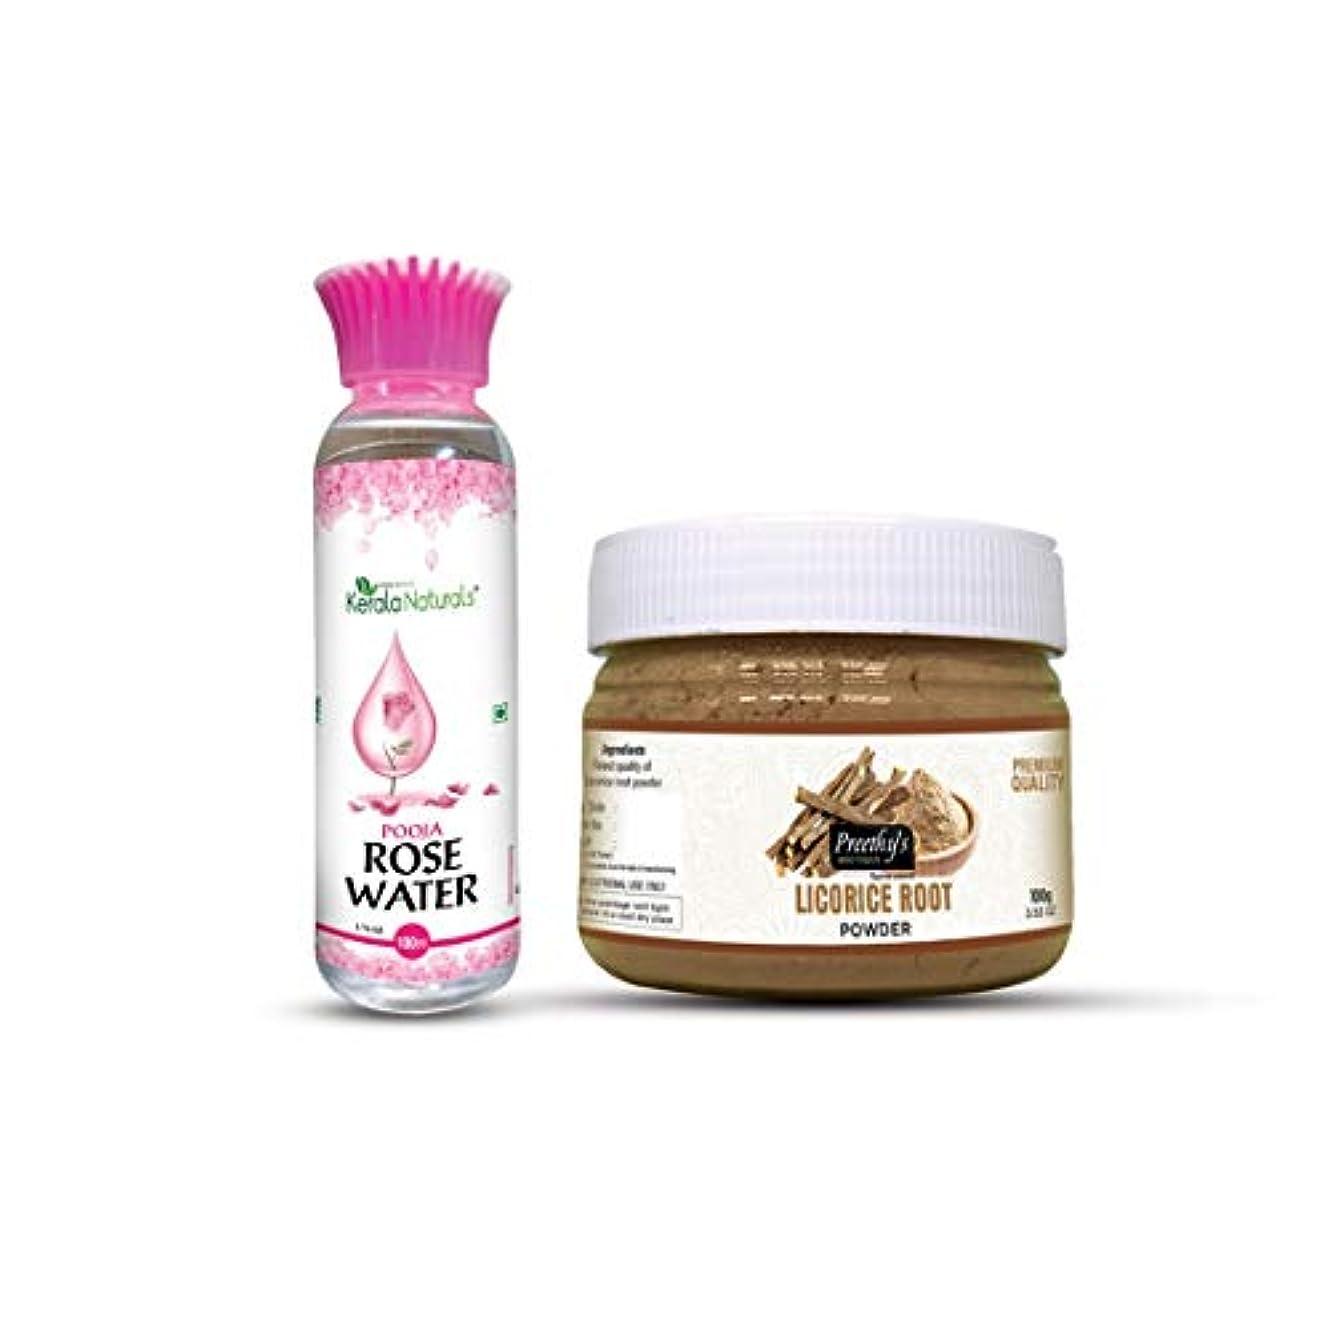 前に規則性涙が出るCombo of Licorice root powder 100gm + Rose water 100ml - Natural Remedies for Skin Disorders, Fade Dark Spots,...